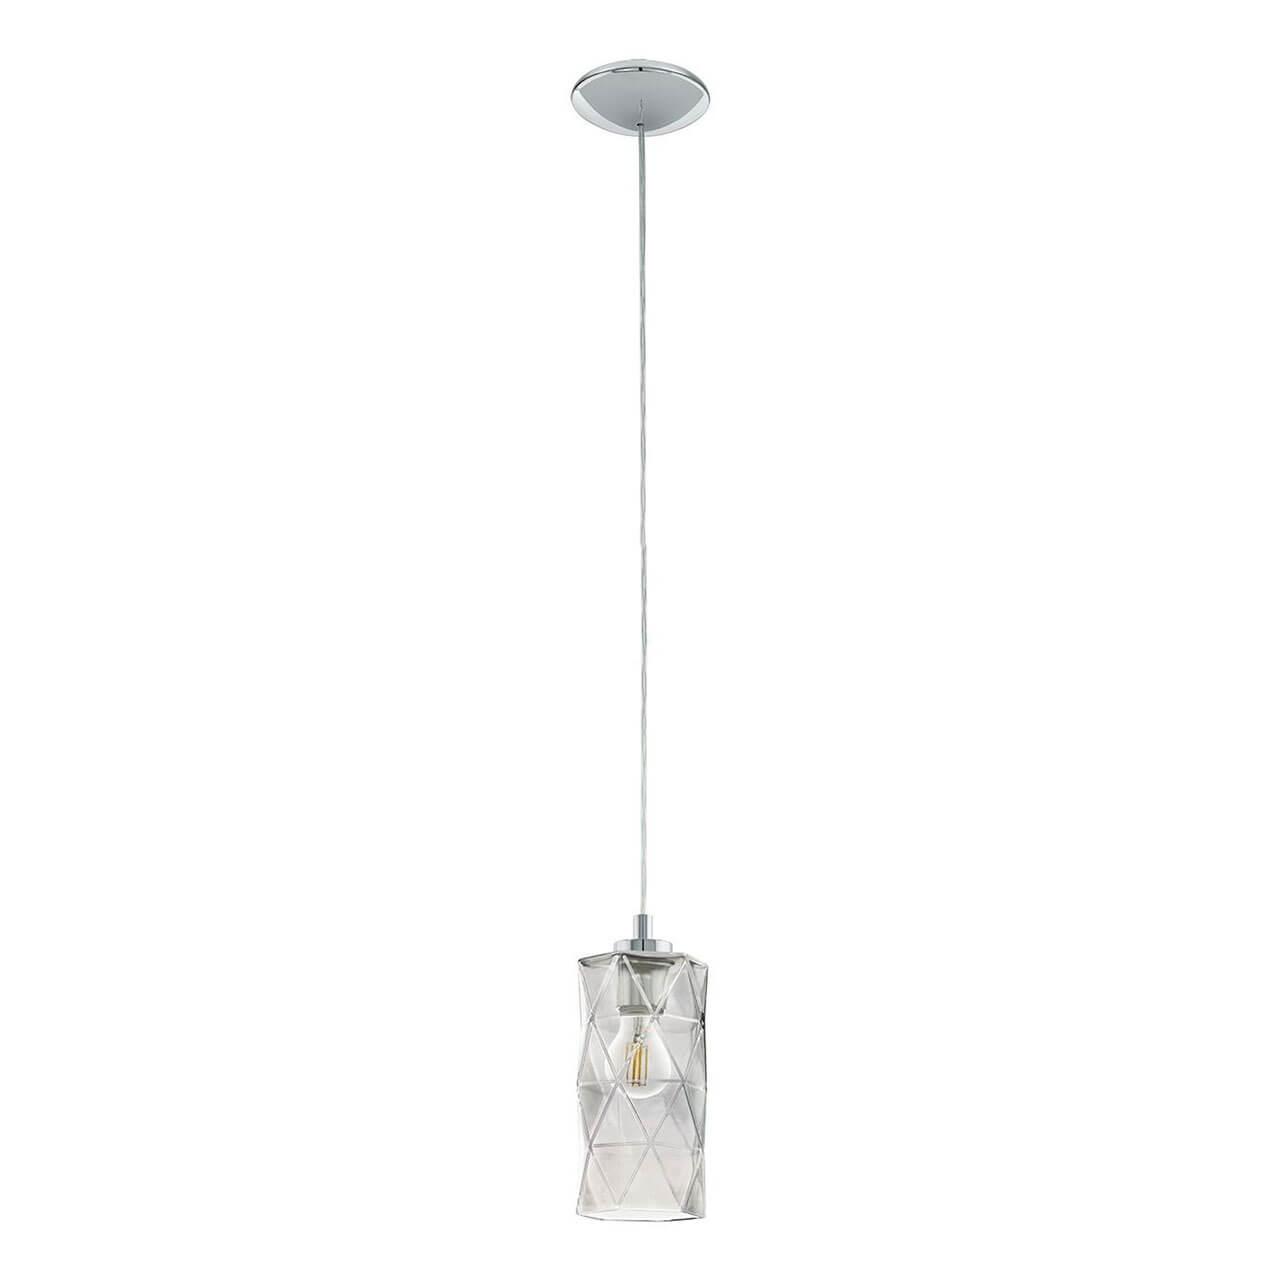 Подвесной светильник Eglo Estevau 96928 подвесной светильник estevau 97065